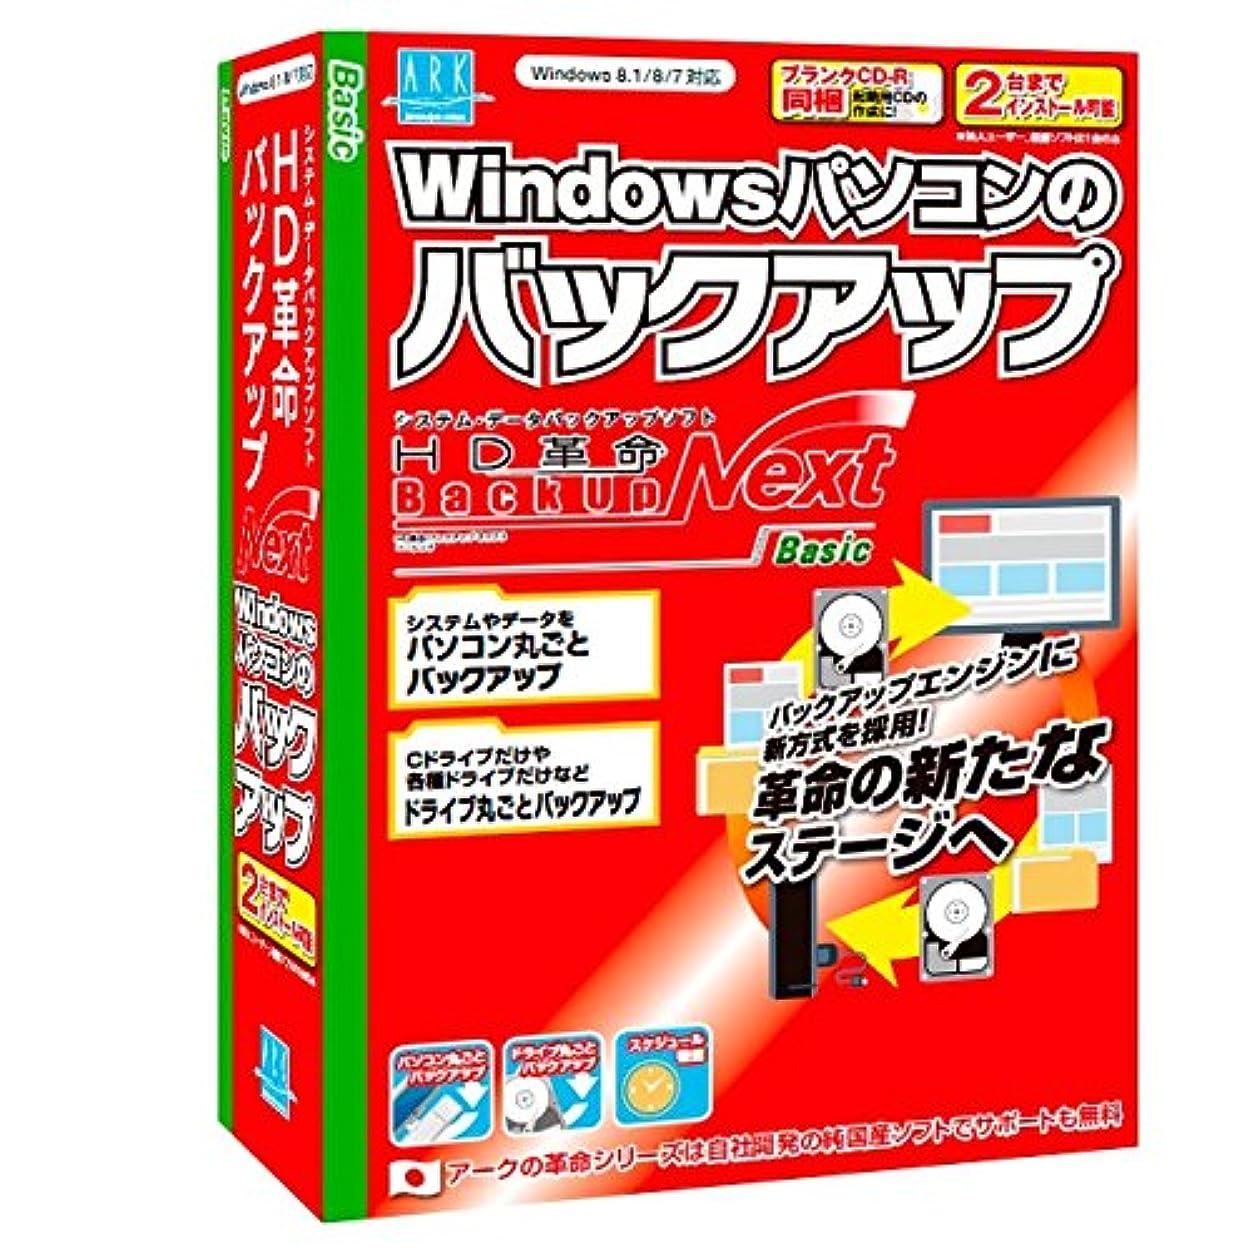 HD革命/BackUp Next Basic 通常版